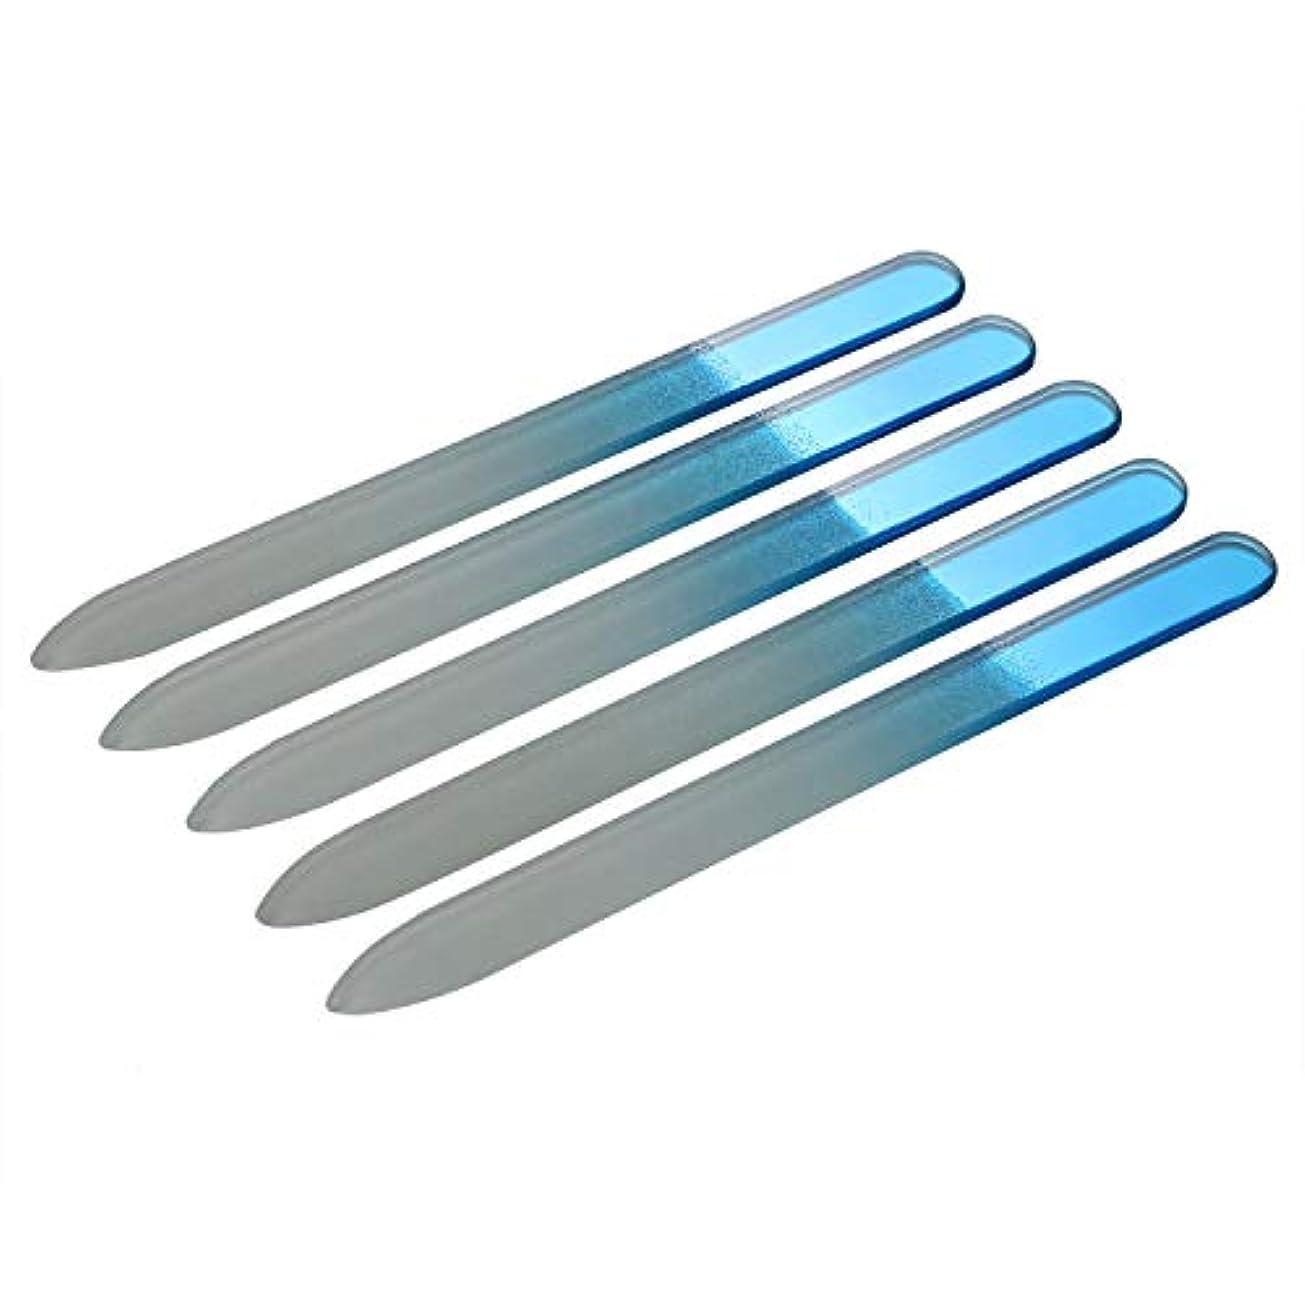 野生クレデンシャル布JewelryWe 爪やすり 爪磨き ネイルヤスリ ガラス製 両面タイプ 5本セット ブルー